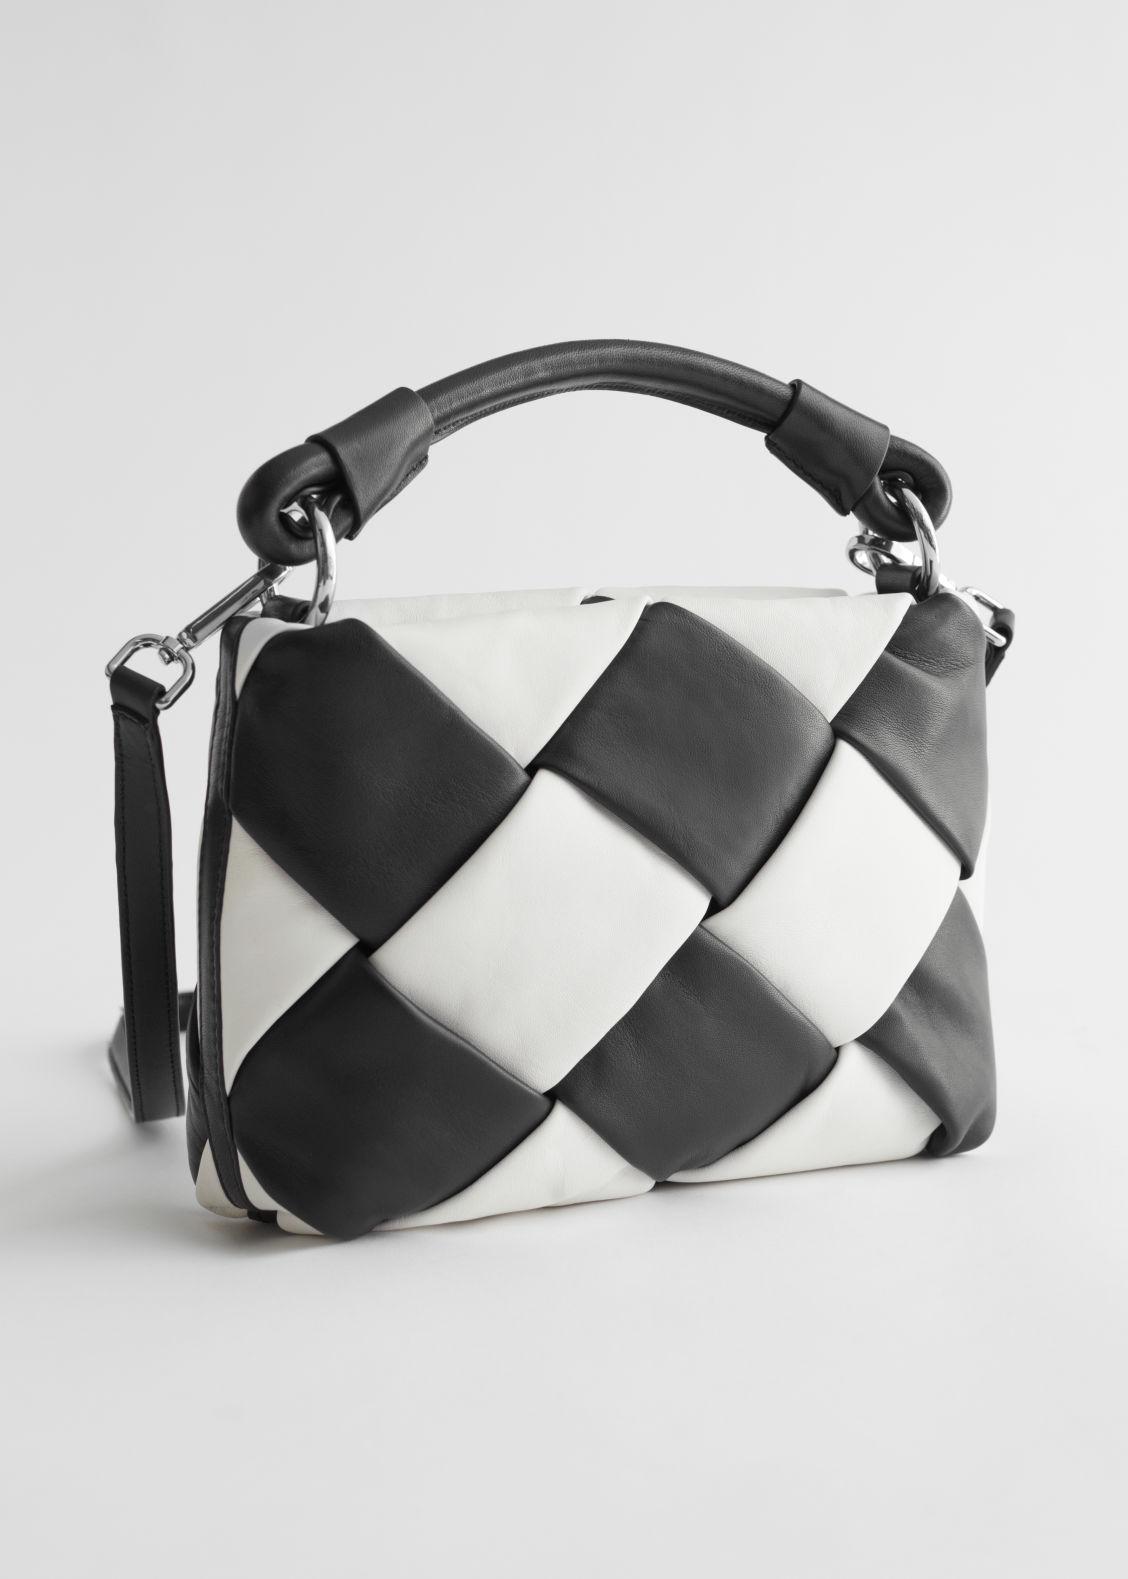 앤 아더 스토리즈 크로스바디백 & OTHER STORIES Braided Leather Crossbody Bag,Black/White